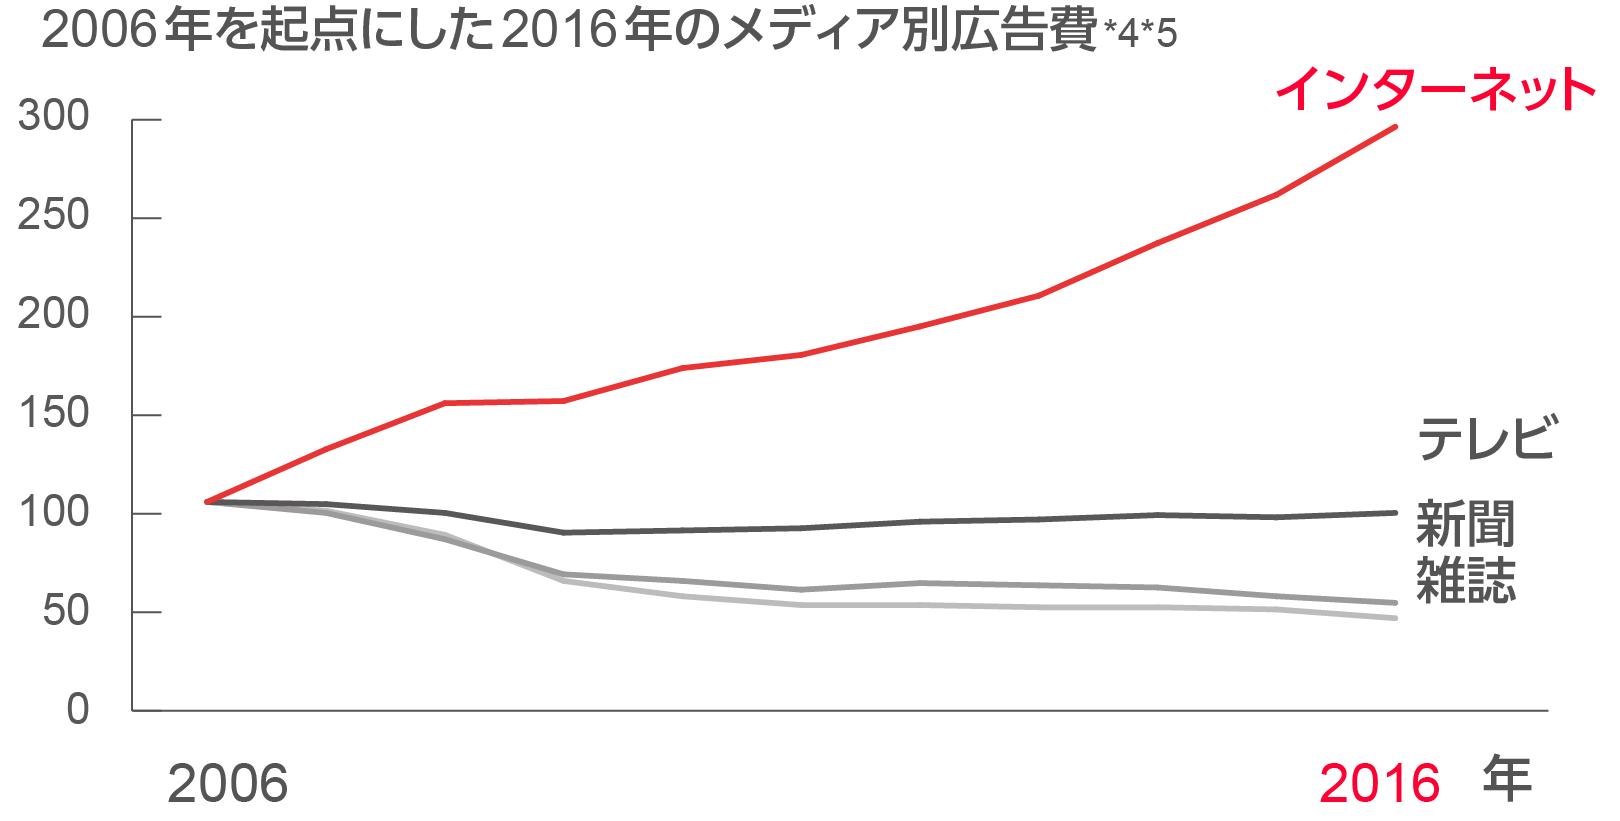 2006年を起点とした2016年のメディア別の広告費のグラフ図